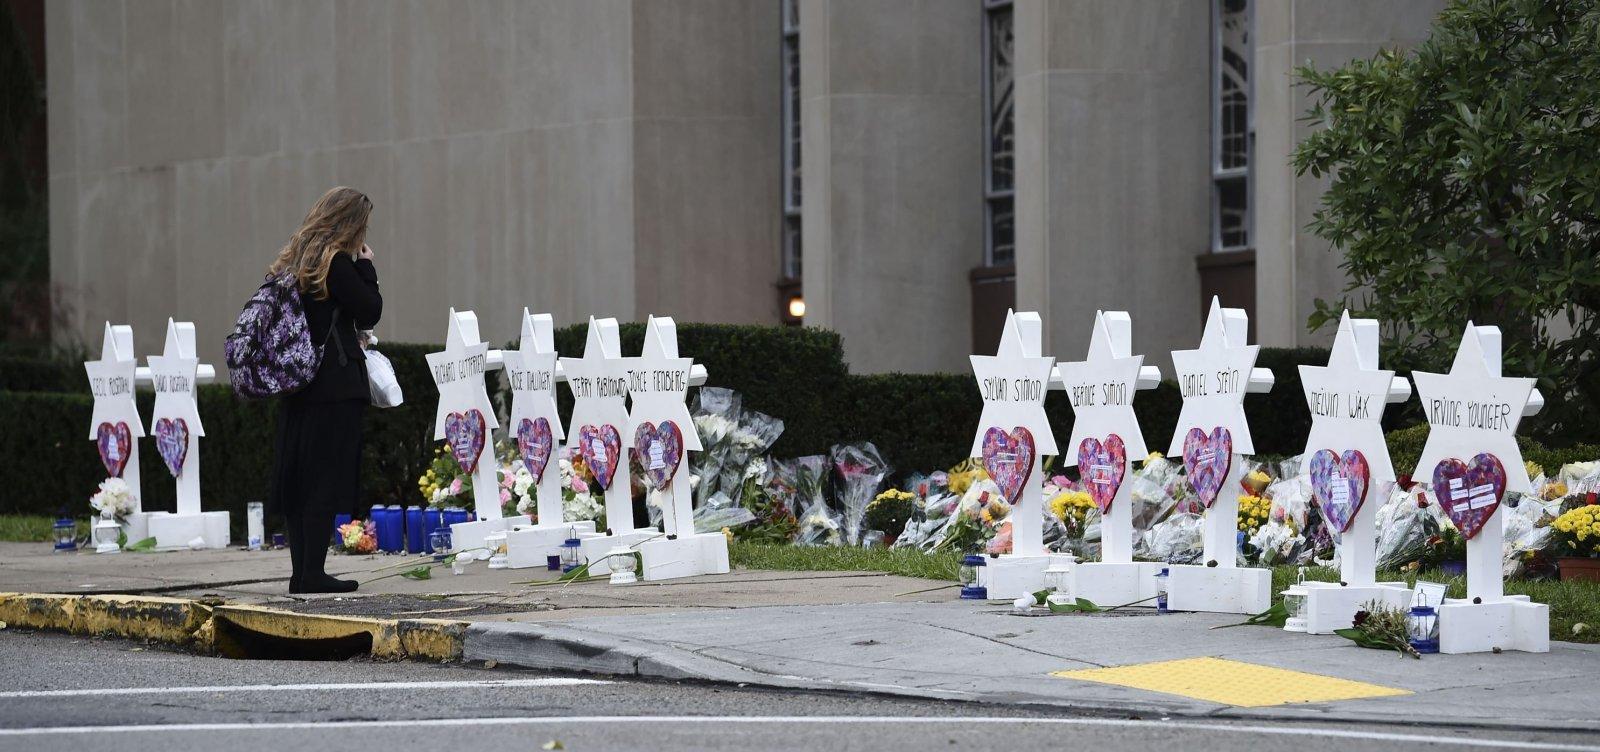 Acusado por ataque em sinagoga nos EUA diz ser inocente